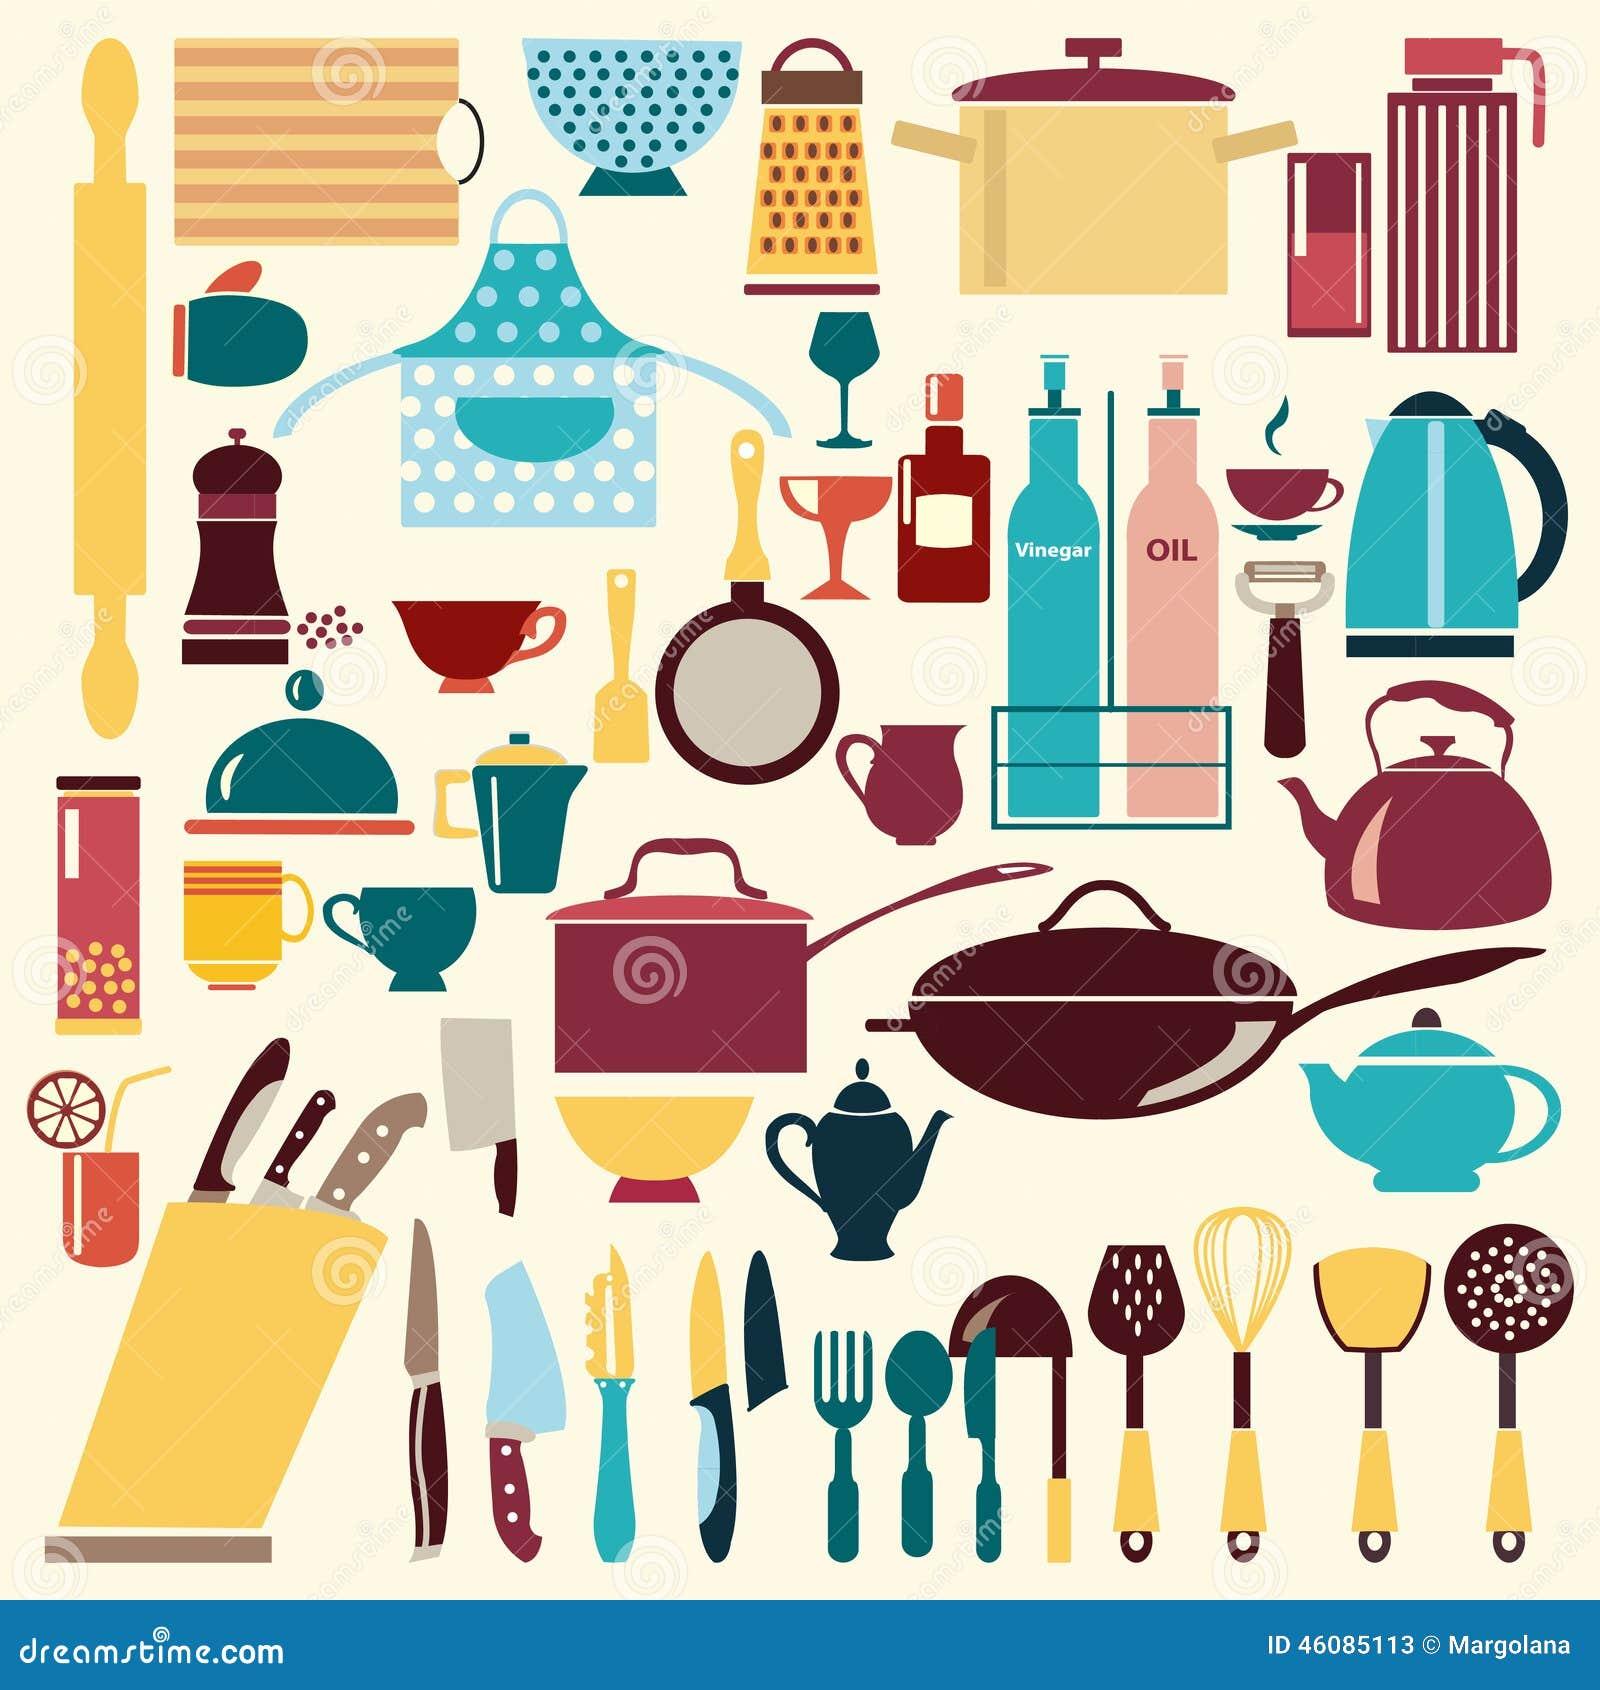 Art culos de cocina fijado ejemplo ilustraci n del for Remates articulos de cocina